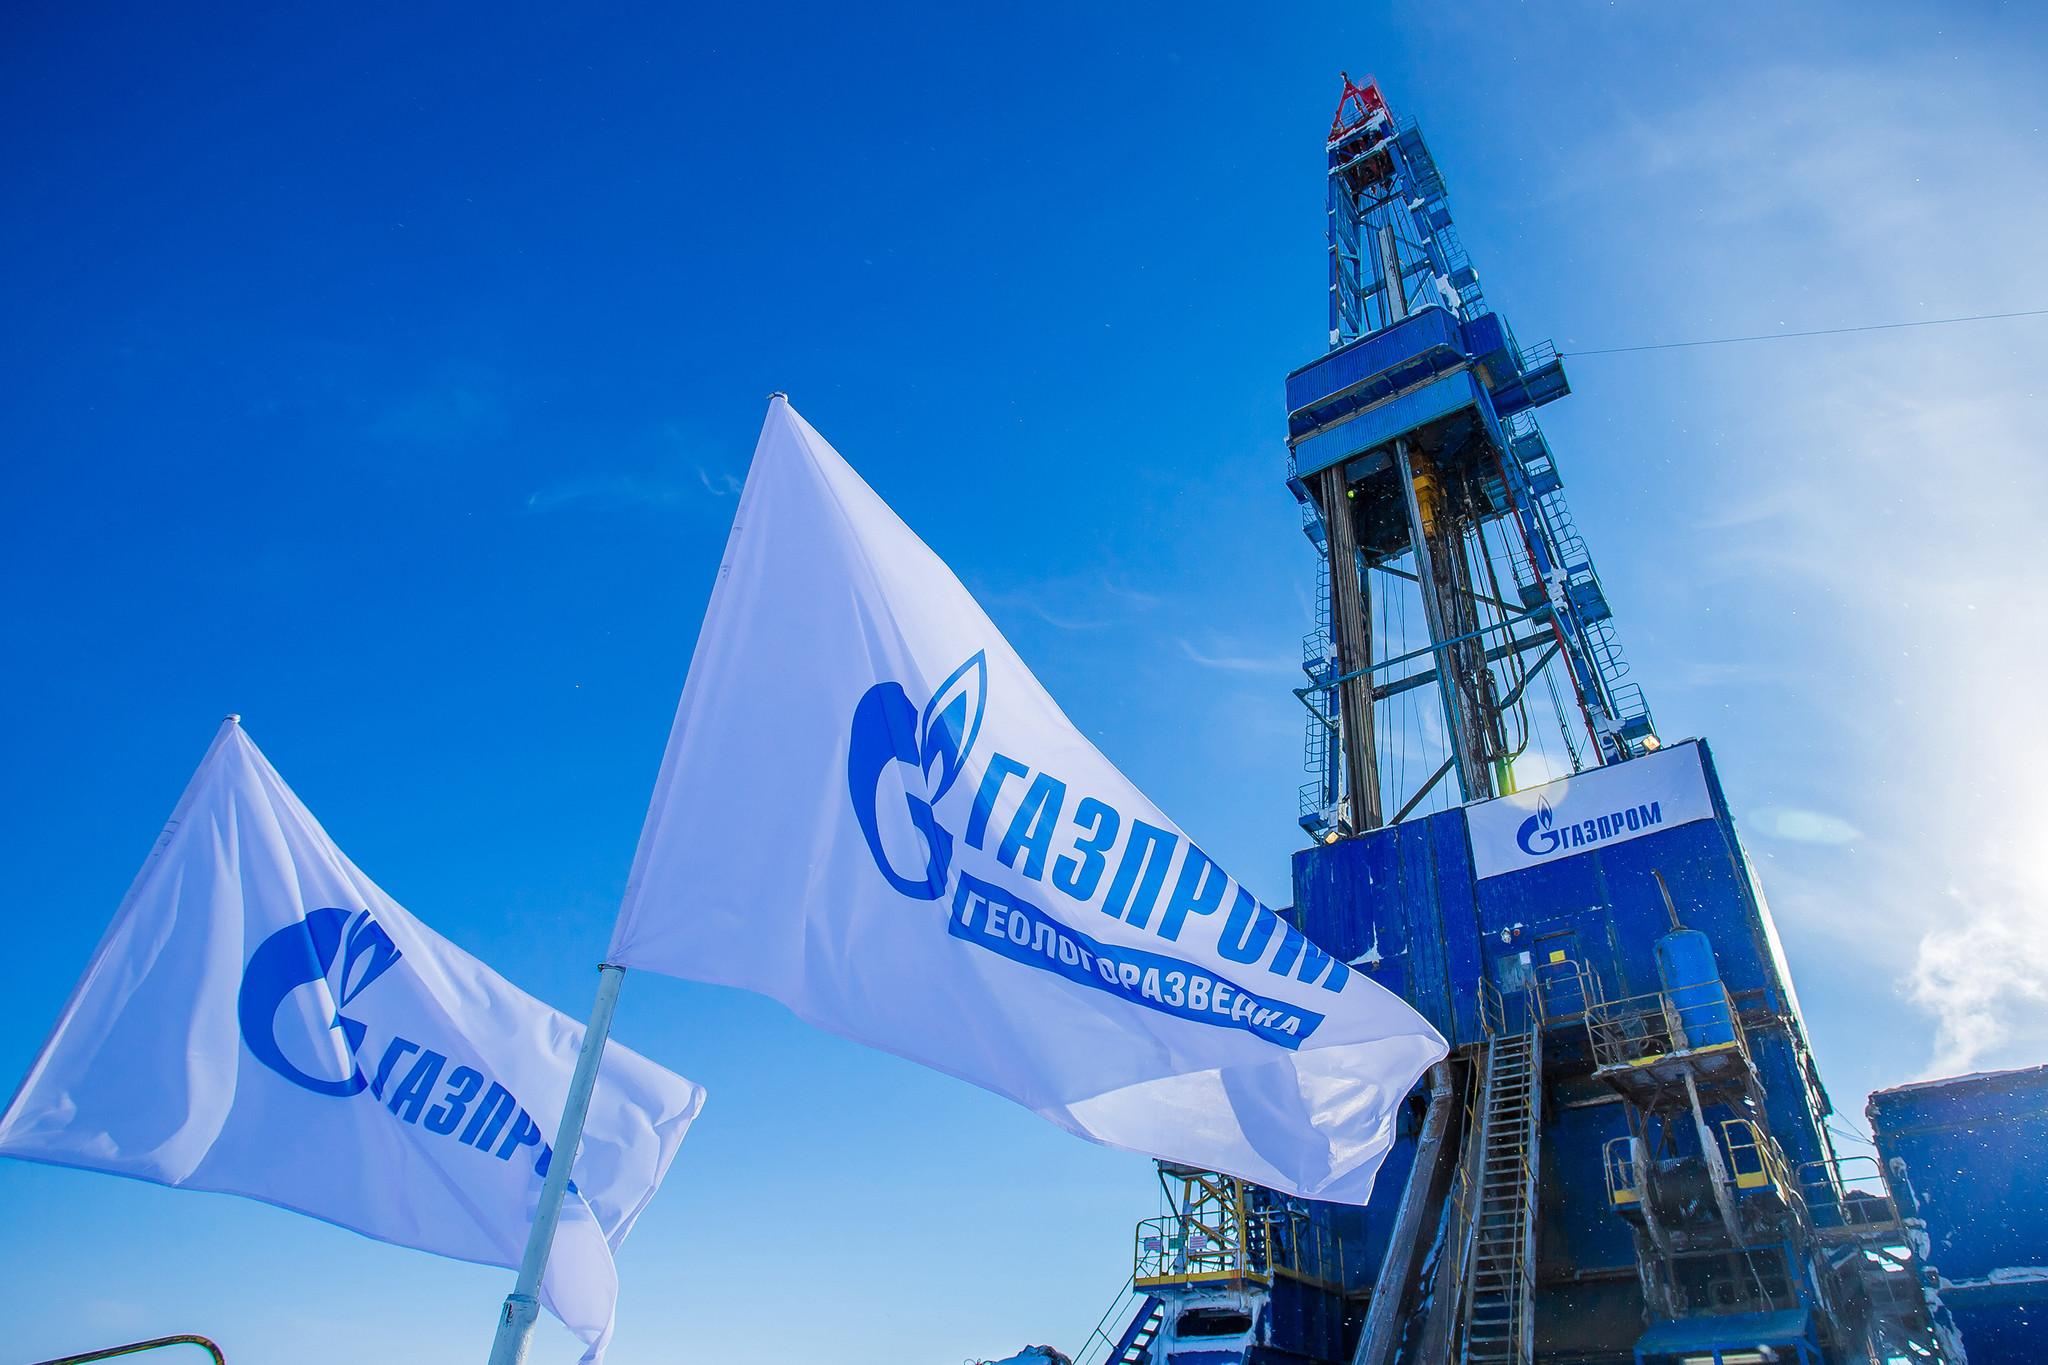 Балтийский СПГ»: пять причин строительства мегапроекта «Газпрома» | Gas and  Money